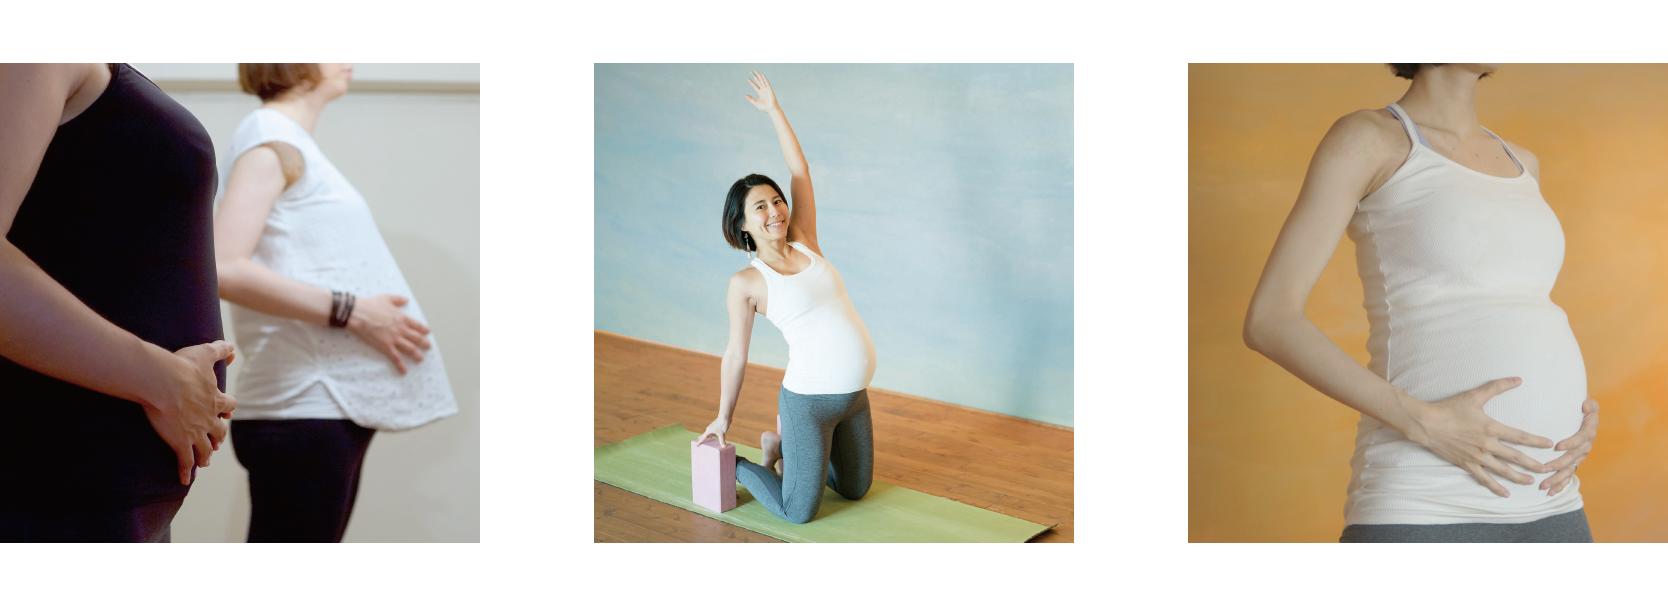 2105_prenatal yoga online_image03.png